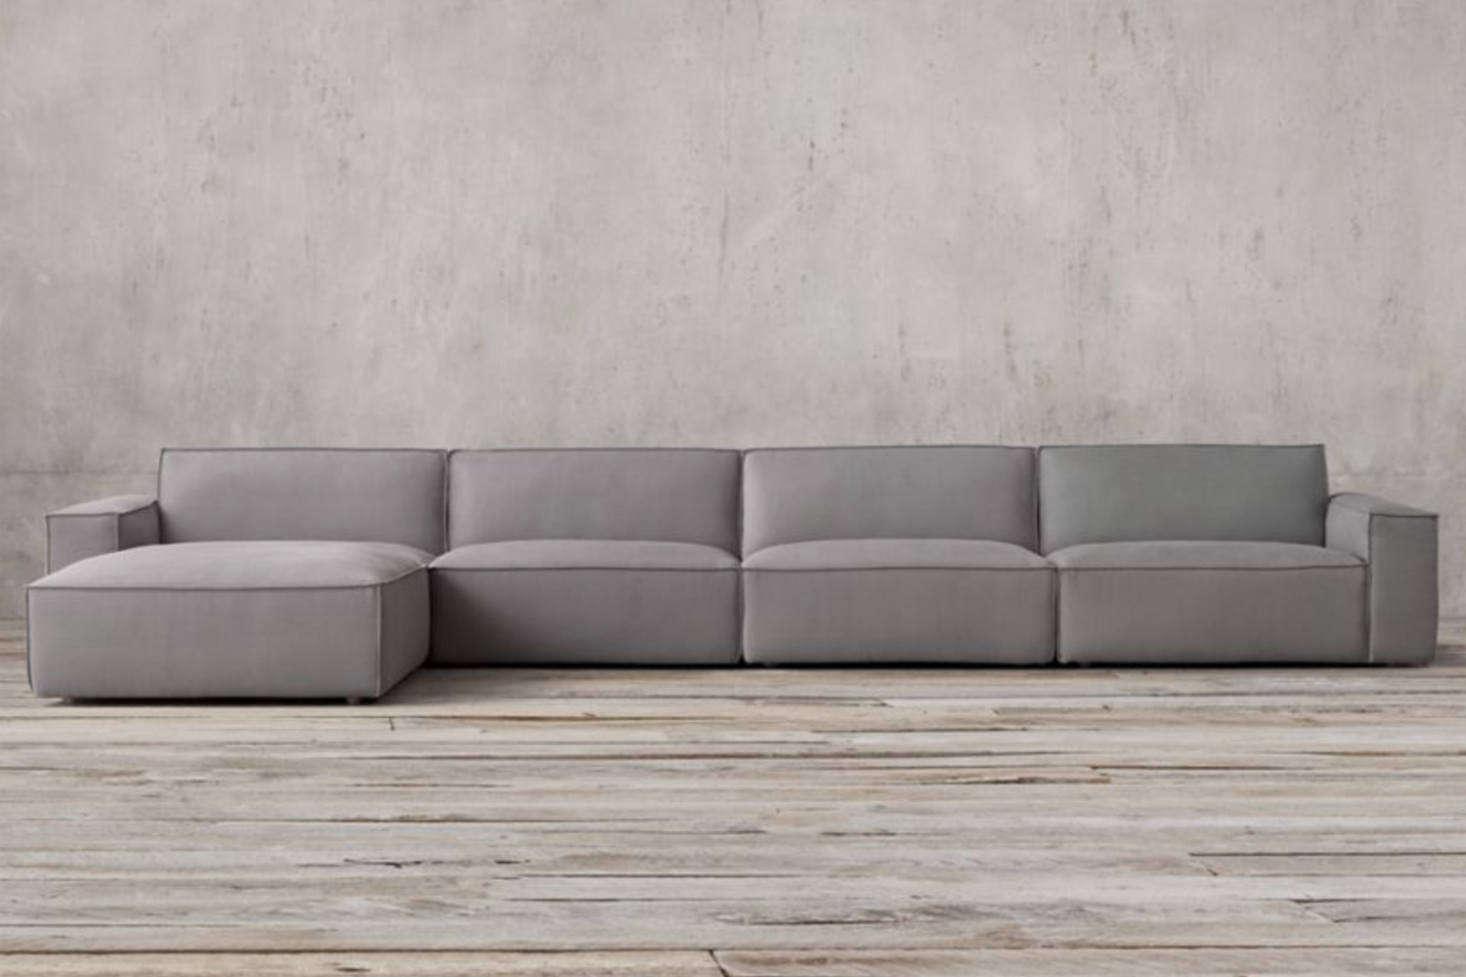 modular building block sectional sofas